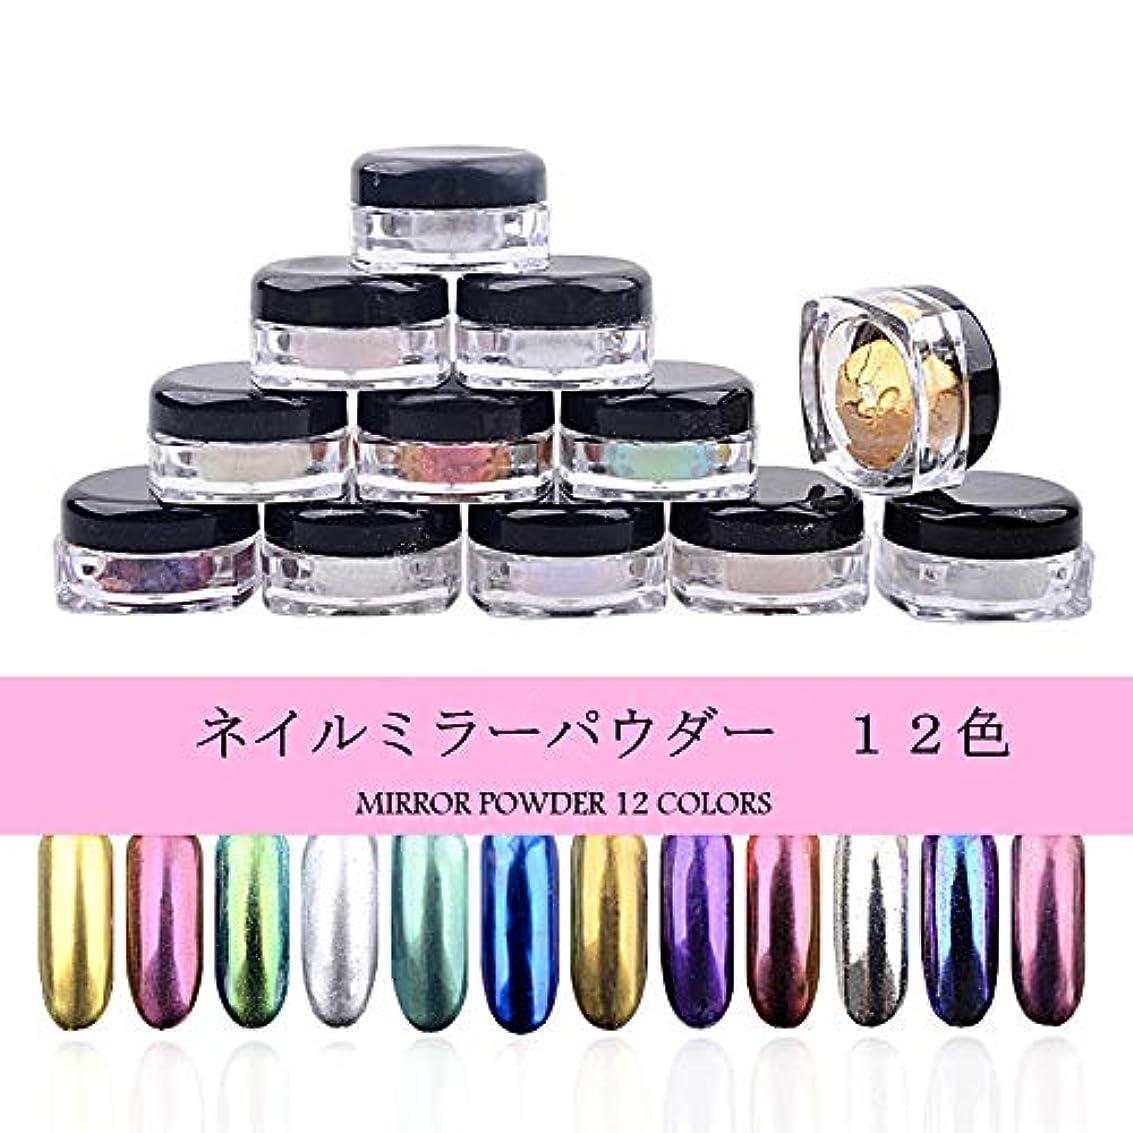 12色/セット 2g/個 镜面ネイルパウダー ミラーネイル メタルポリッシュマニキュア ネイルアート ネイル 用装飾